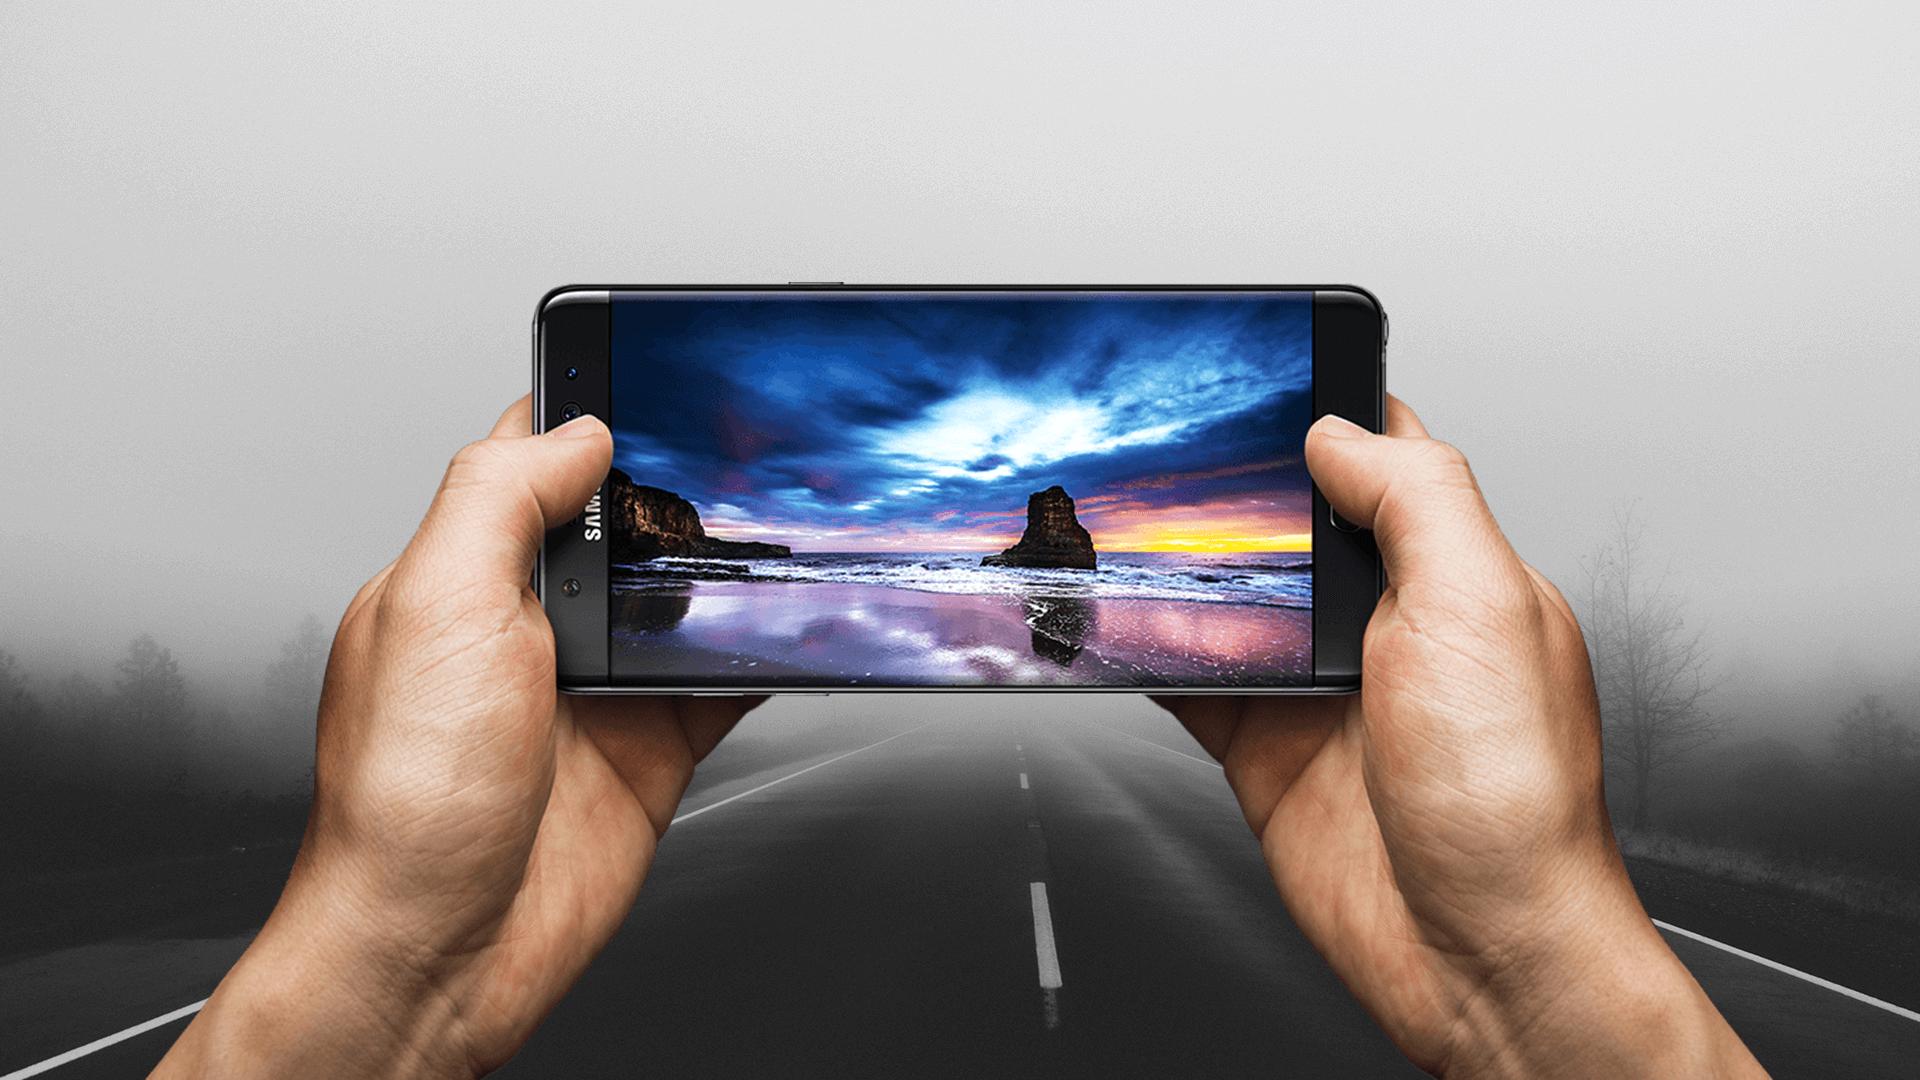 Samsung Galaxy Note 7'nin Özellikleri, Fiyatı ve Daha Fazlası!